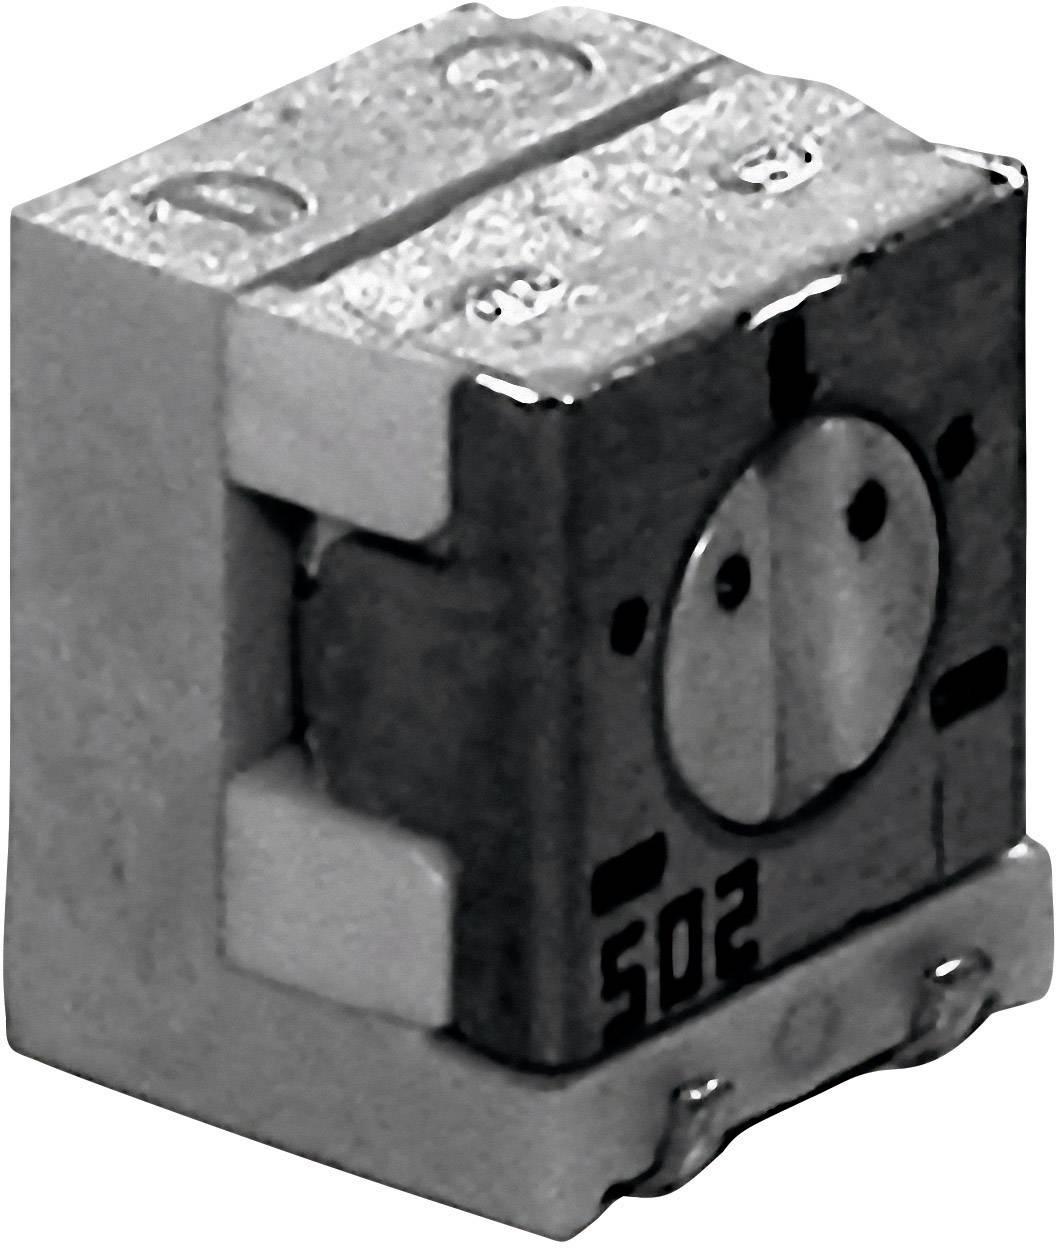 SMD trimr cermet TT Electro, ovl. boční, HC04, 2800587025, 100 Ω, 0,25 W, ± 20 %